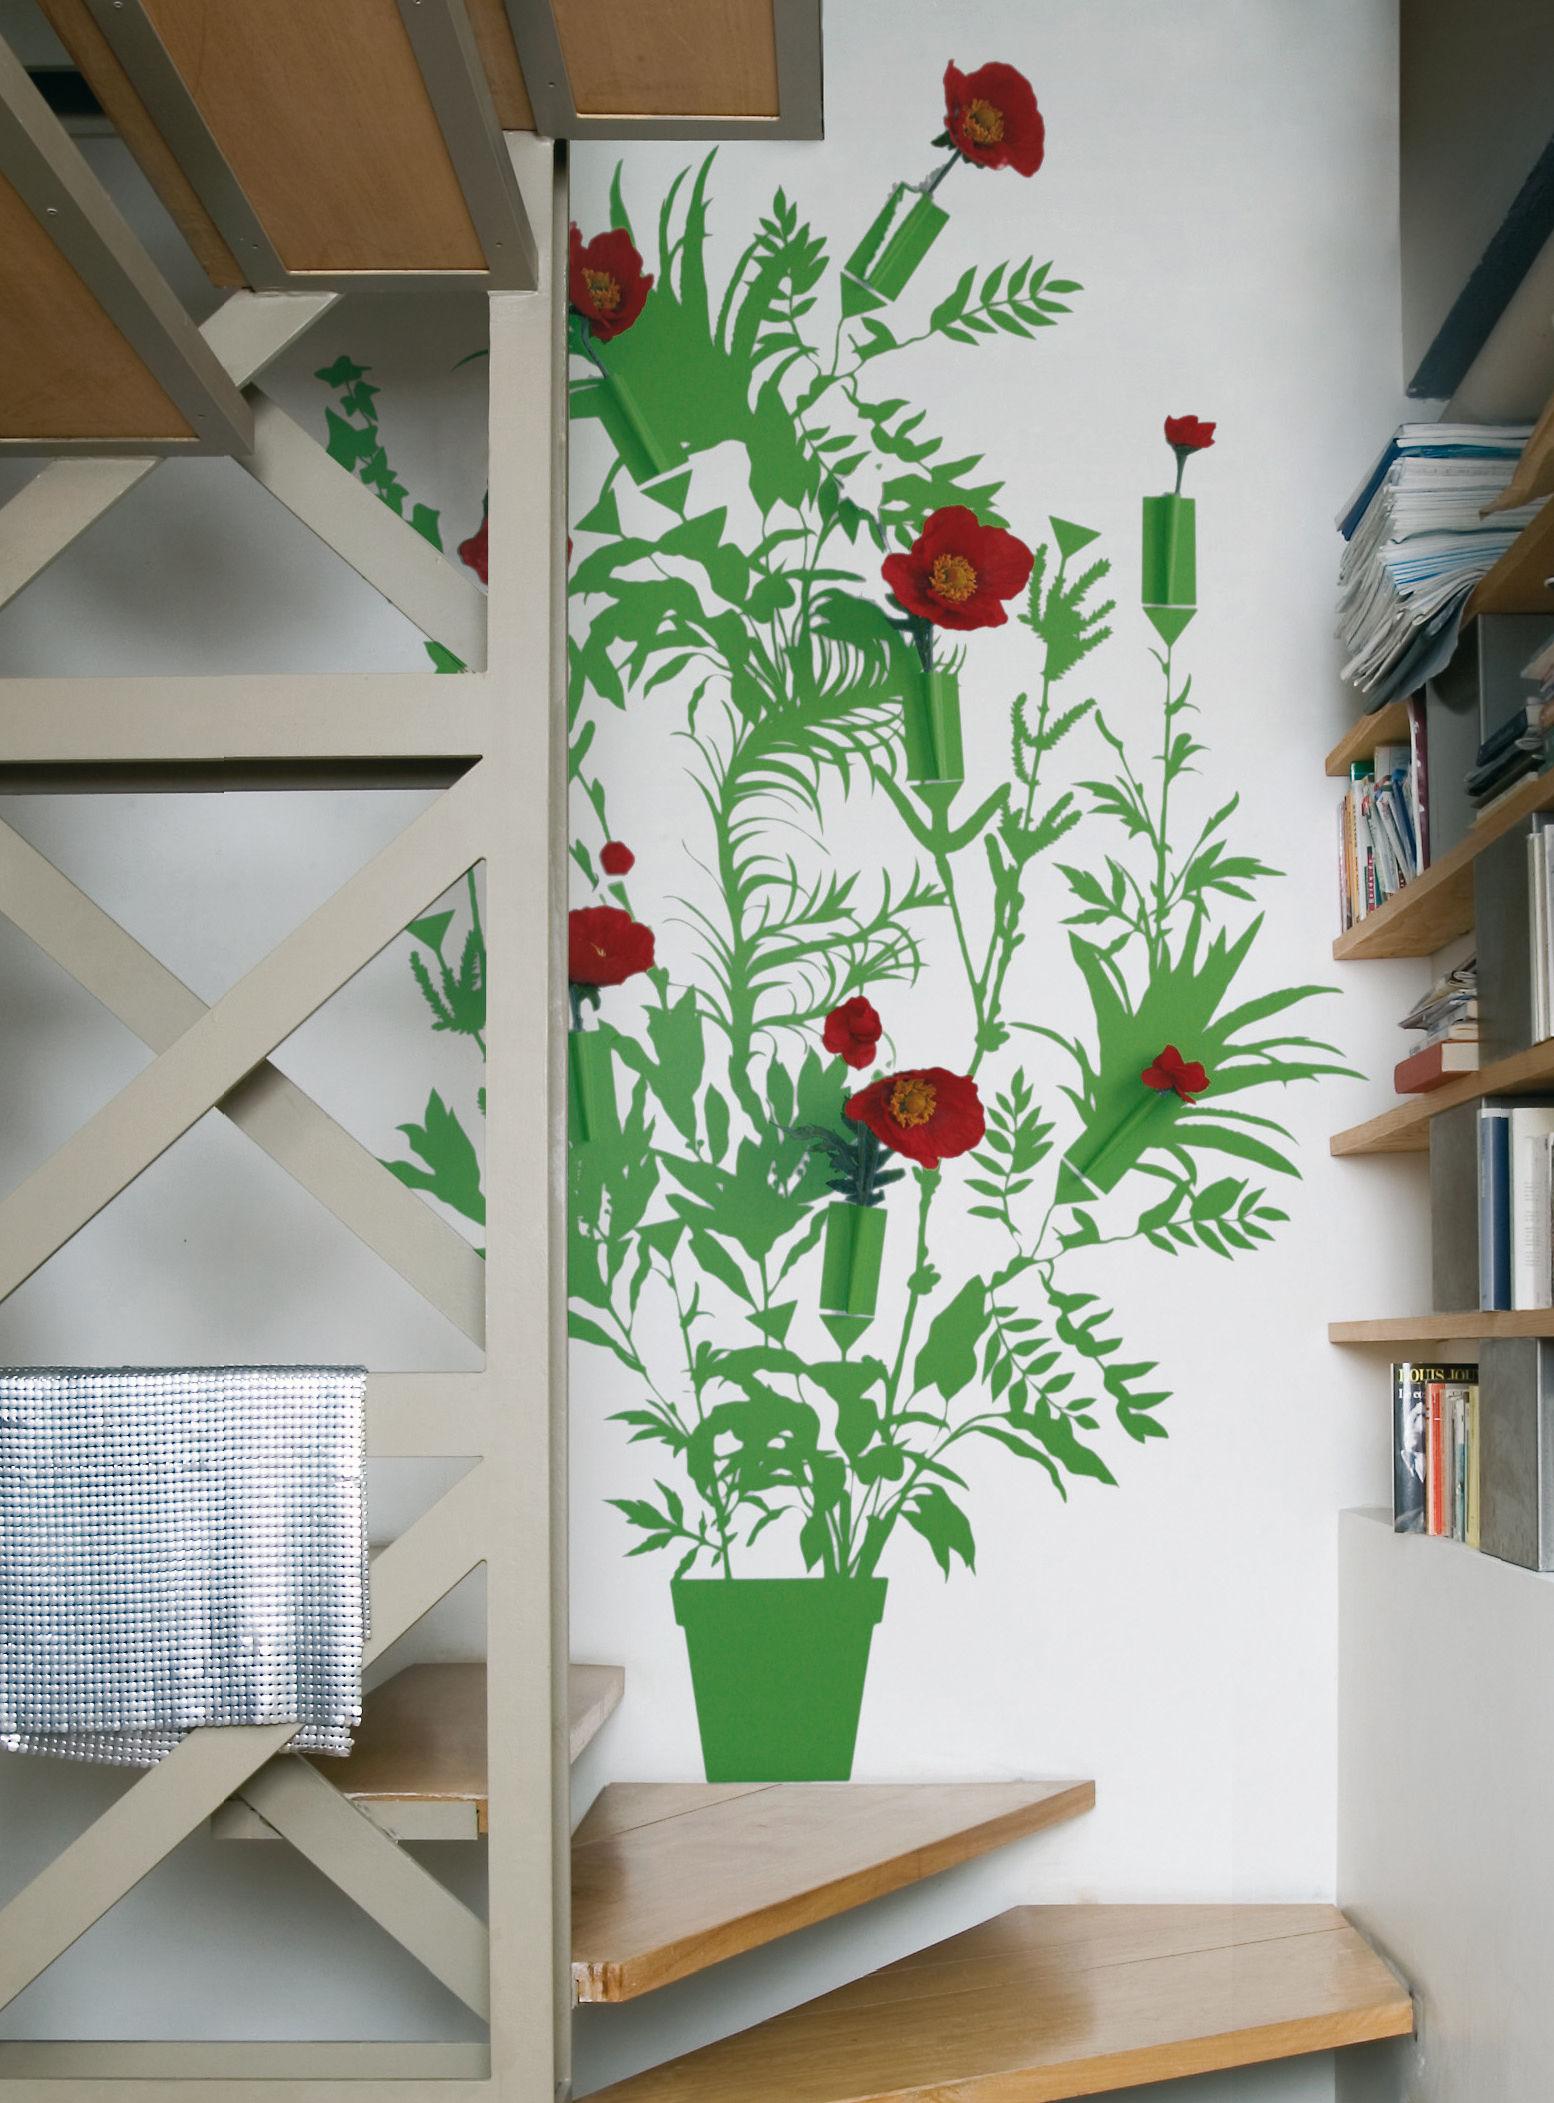 Dekoration - Stickers und Tapeten - Vynil + Flower Sticker - Domestic - Grün - Vinyl